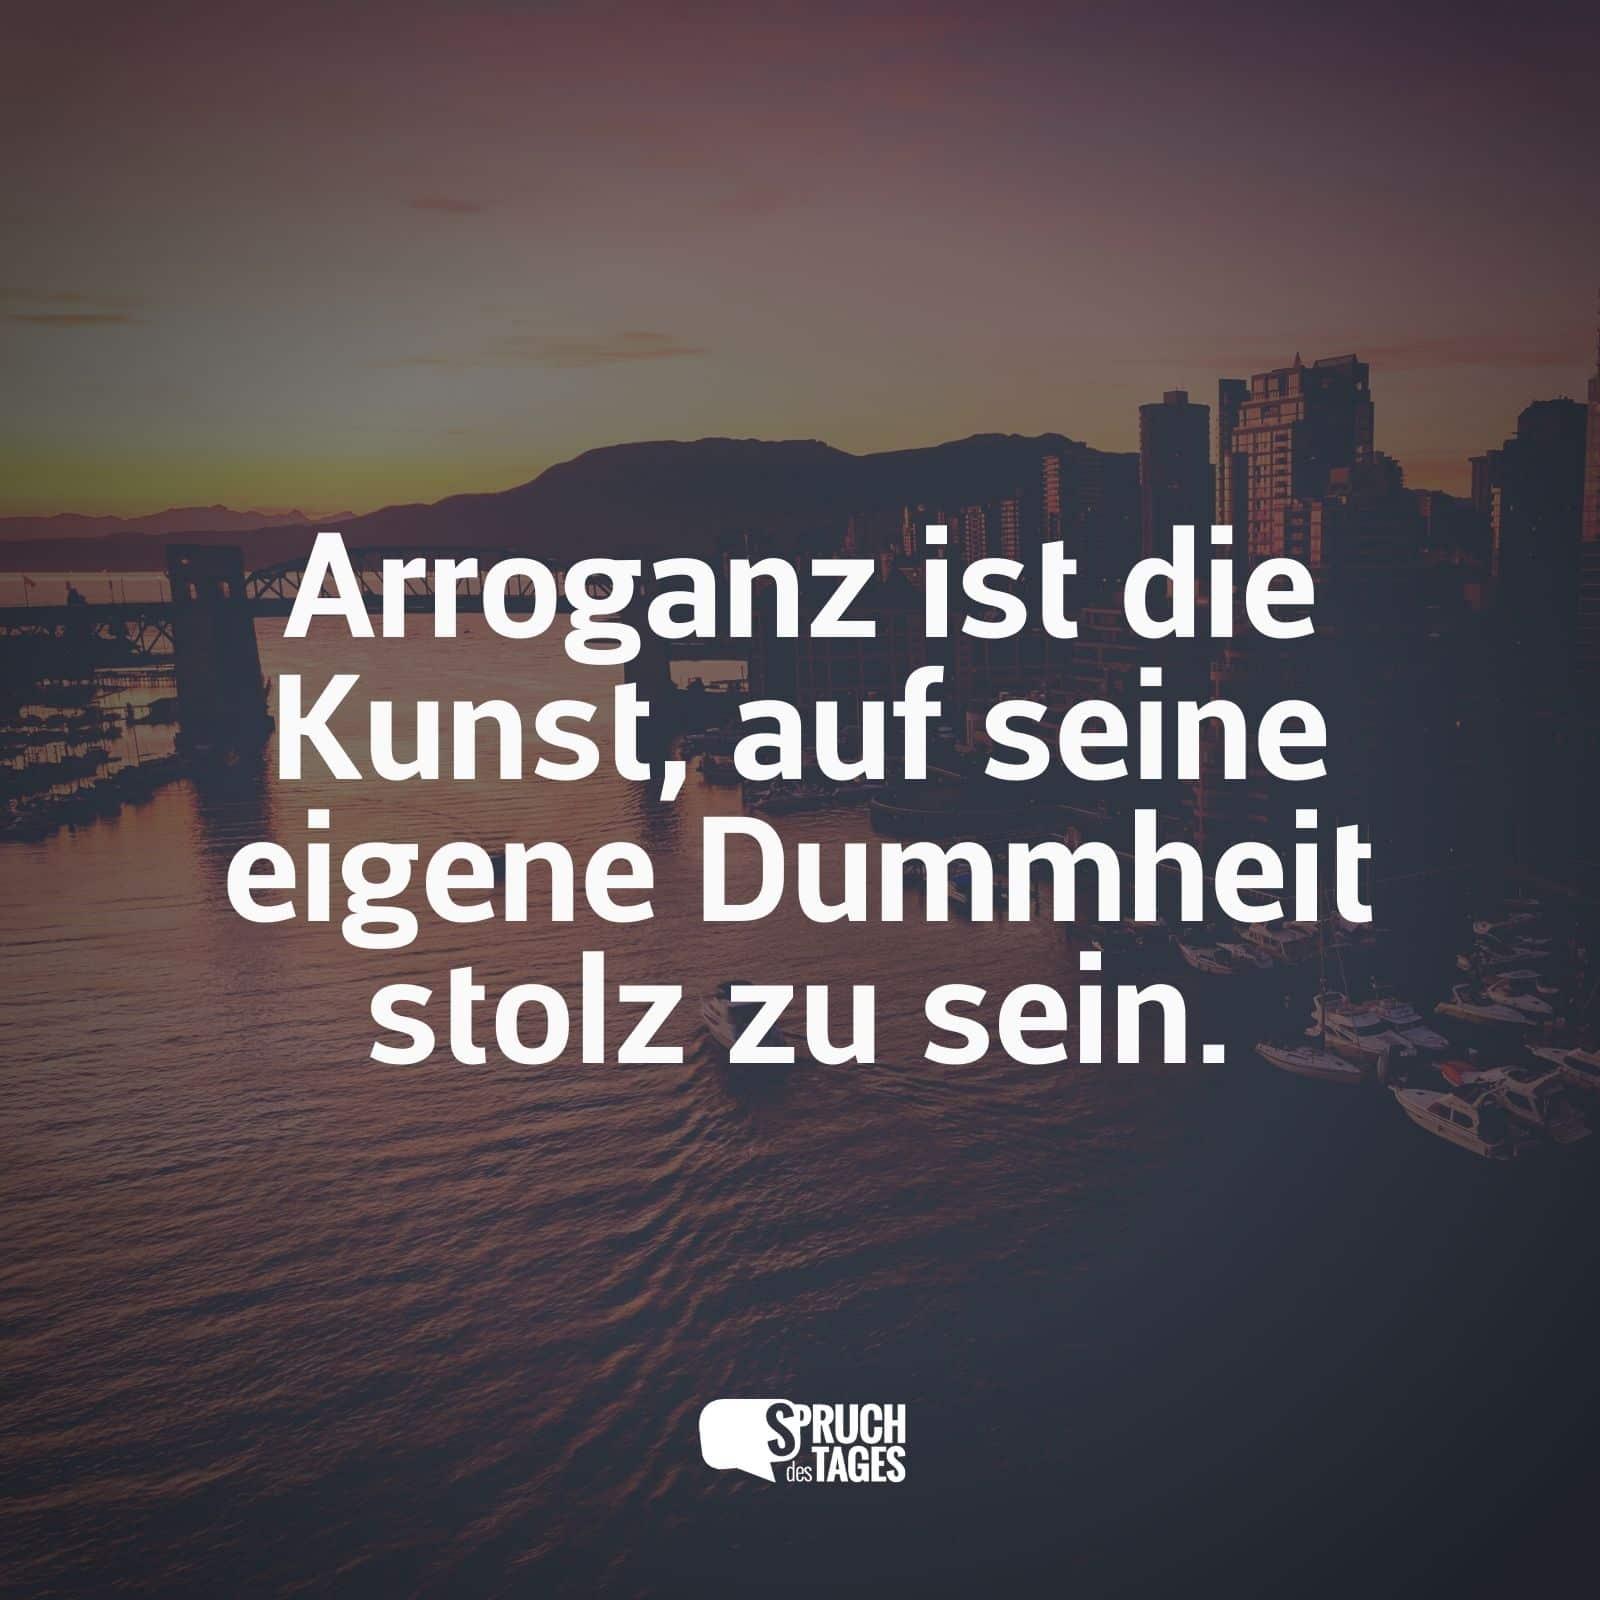 sprüche über arroganz Arroganz ist die Kunst, auf seine eigene Dummheit stolz zu sein. sprüche über arroganz